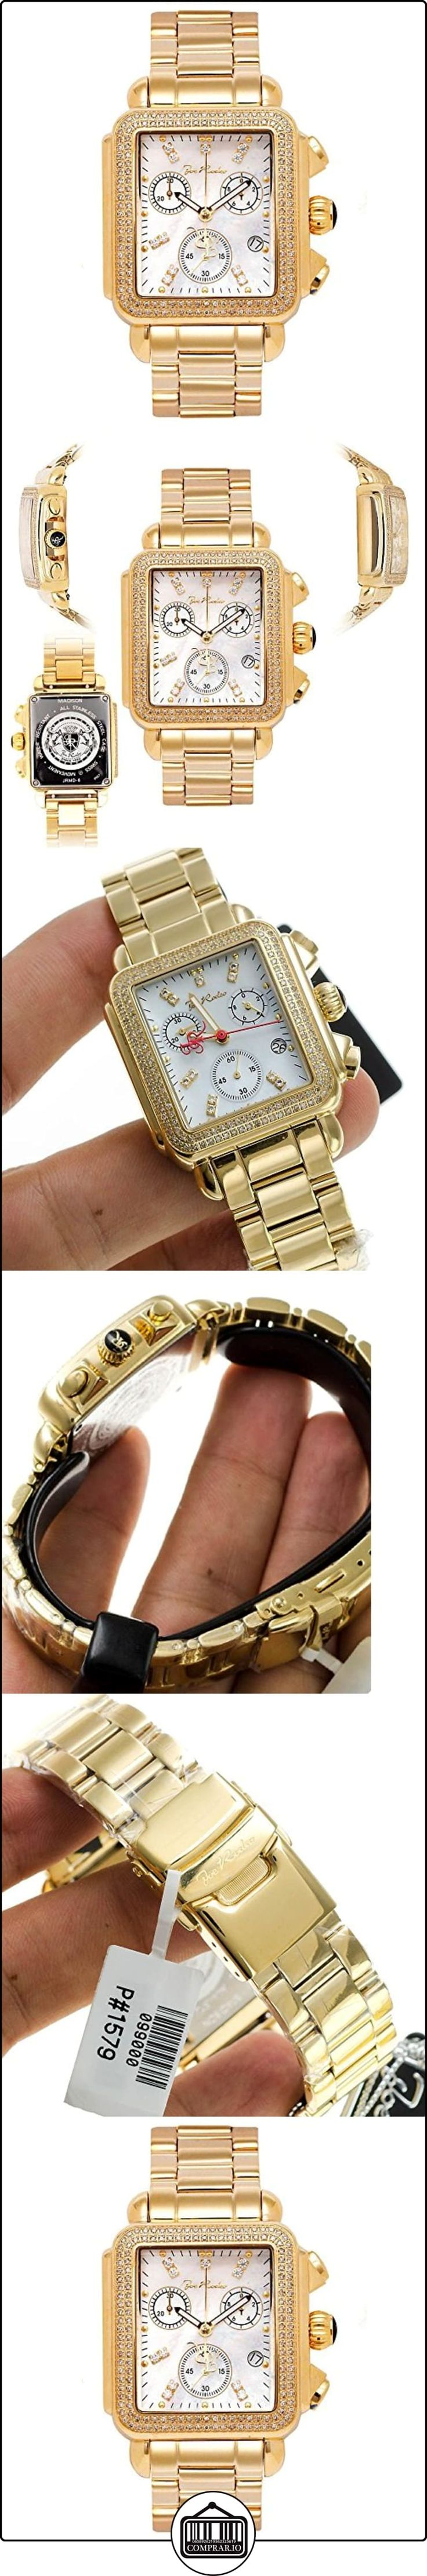 JOE RODEO Diamond Ladies Watch-Madison Oro 1.5quilates de  ✿ Relojes para mujer - (Lujo) ✿